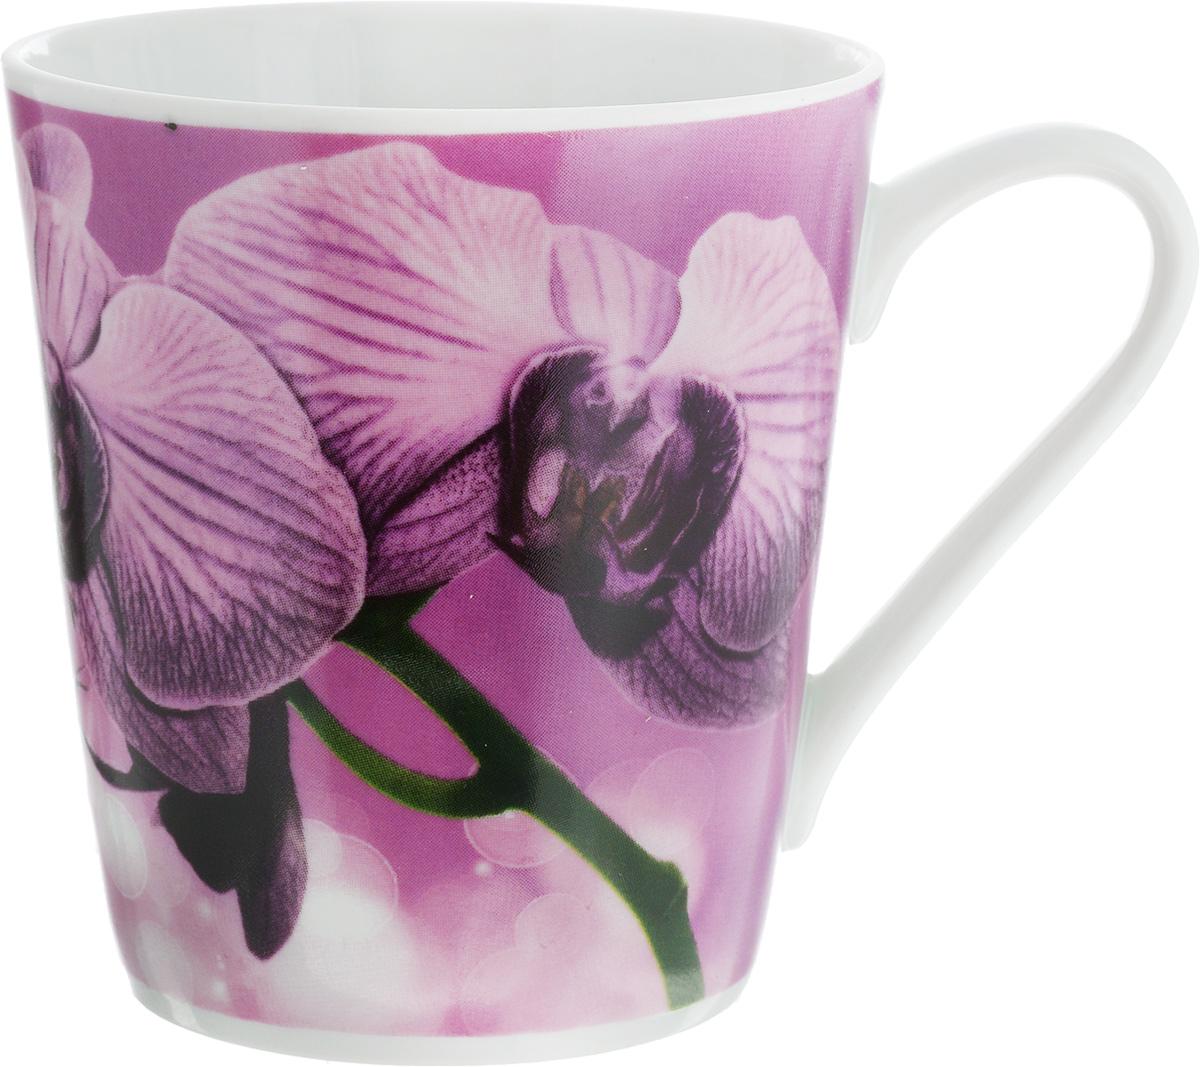 Кружка Классик. Орхидея, цвет: сиреневый, 300 мл3С0493_сиреневыйКружка Классик. Орхидея изготовлена из высококачественного фарфора. Изделие оформлено красочным рисунком и покрыто превосходной сверкающей глазурью. Изысканная кружка прекрасно оформит стол к чаепитию и станет его неизменным атрибутом.Диаметр кружки (по верхнему краю): 8,5 см.Высота кружки: 9,5 см.